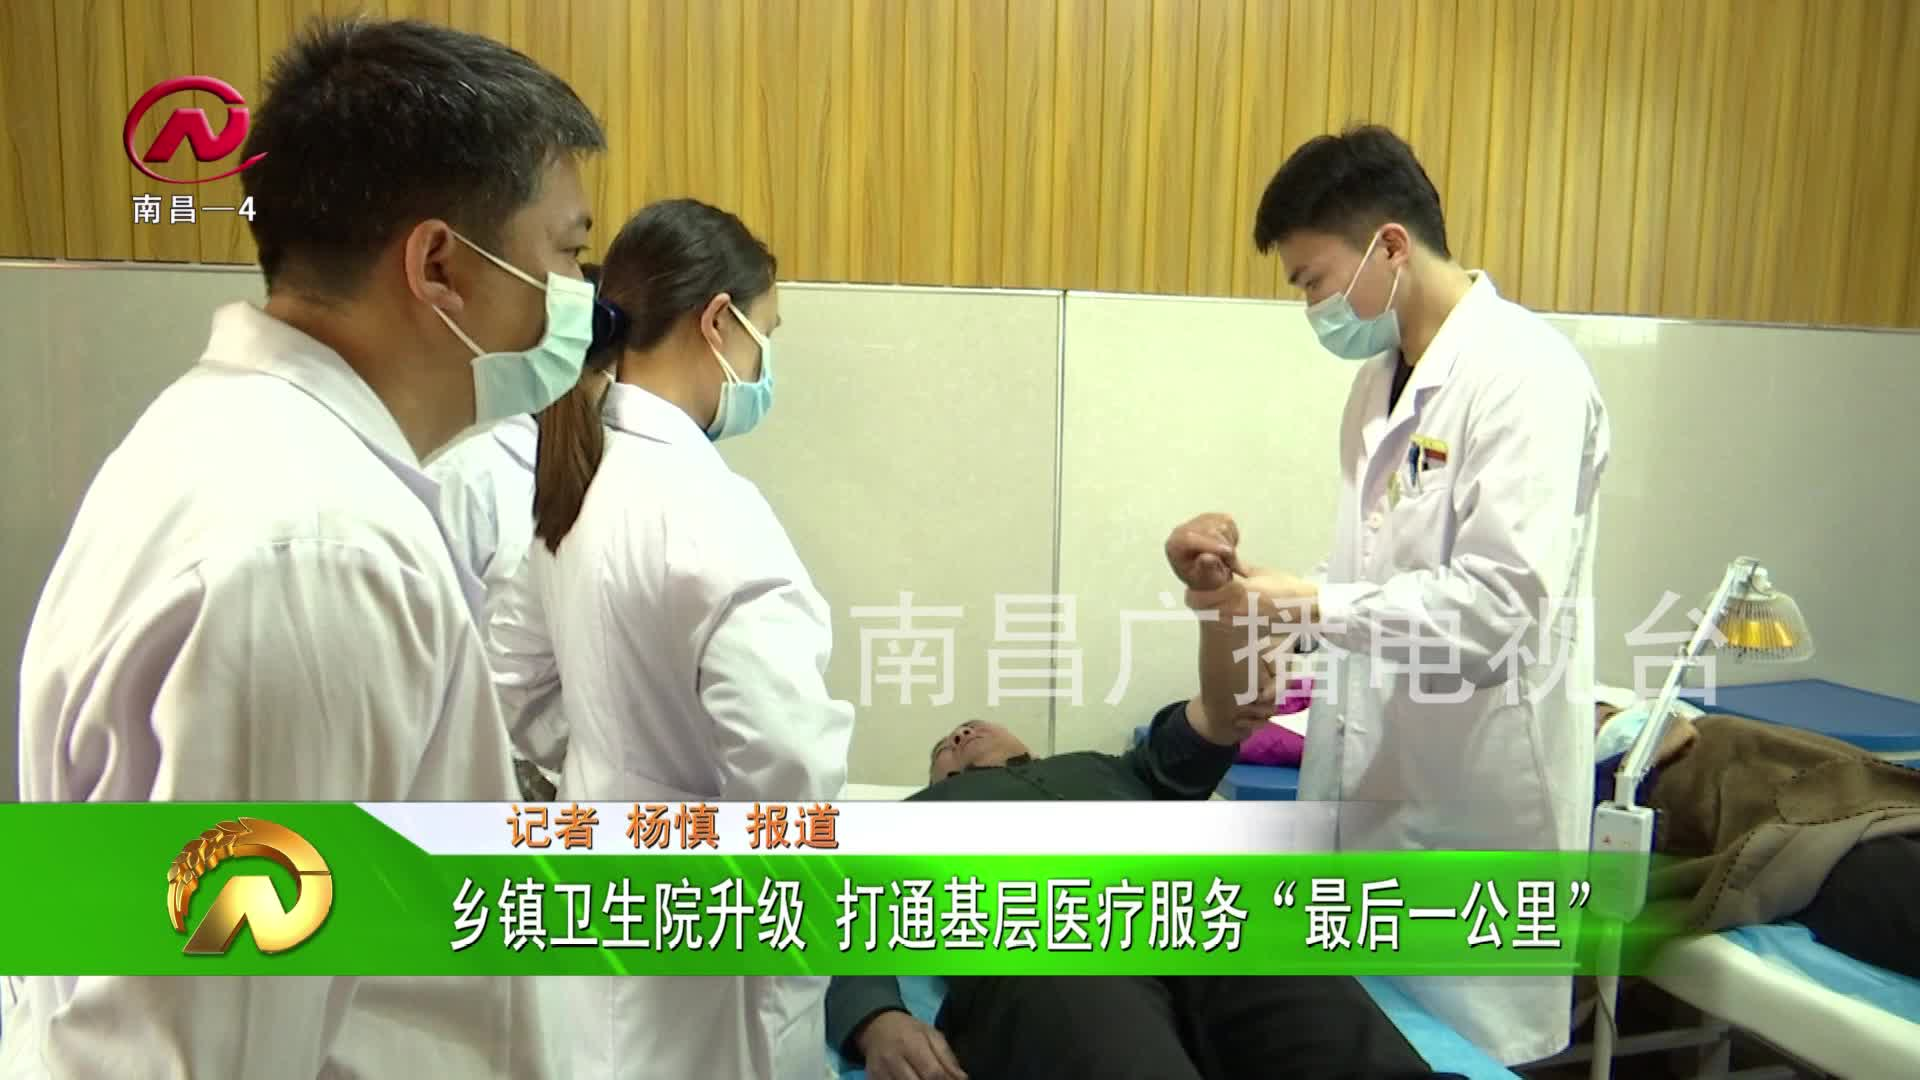 """【豫章农视】乡镇卫生院升级 打通基层医疗服务""""最后一公里"""""""